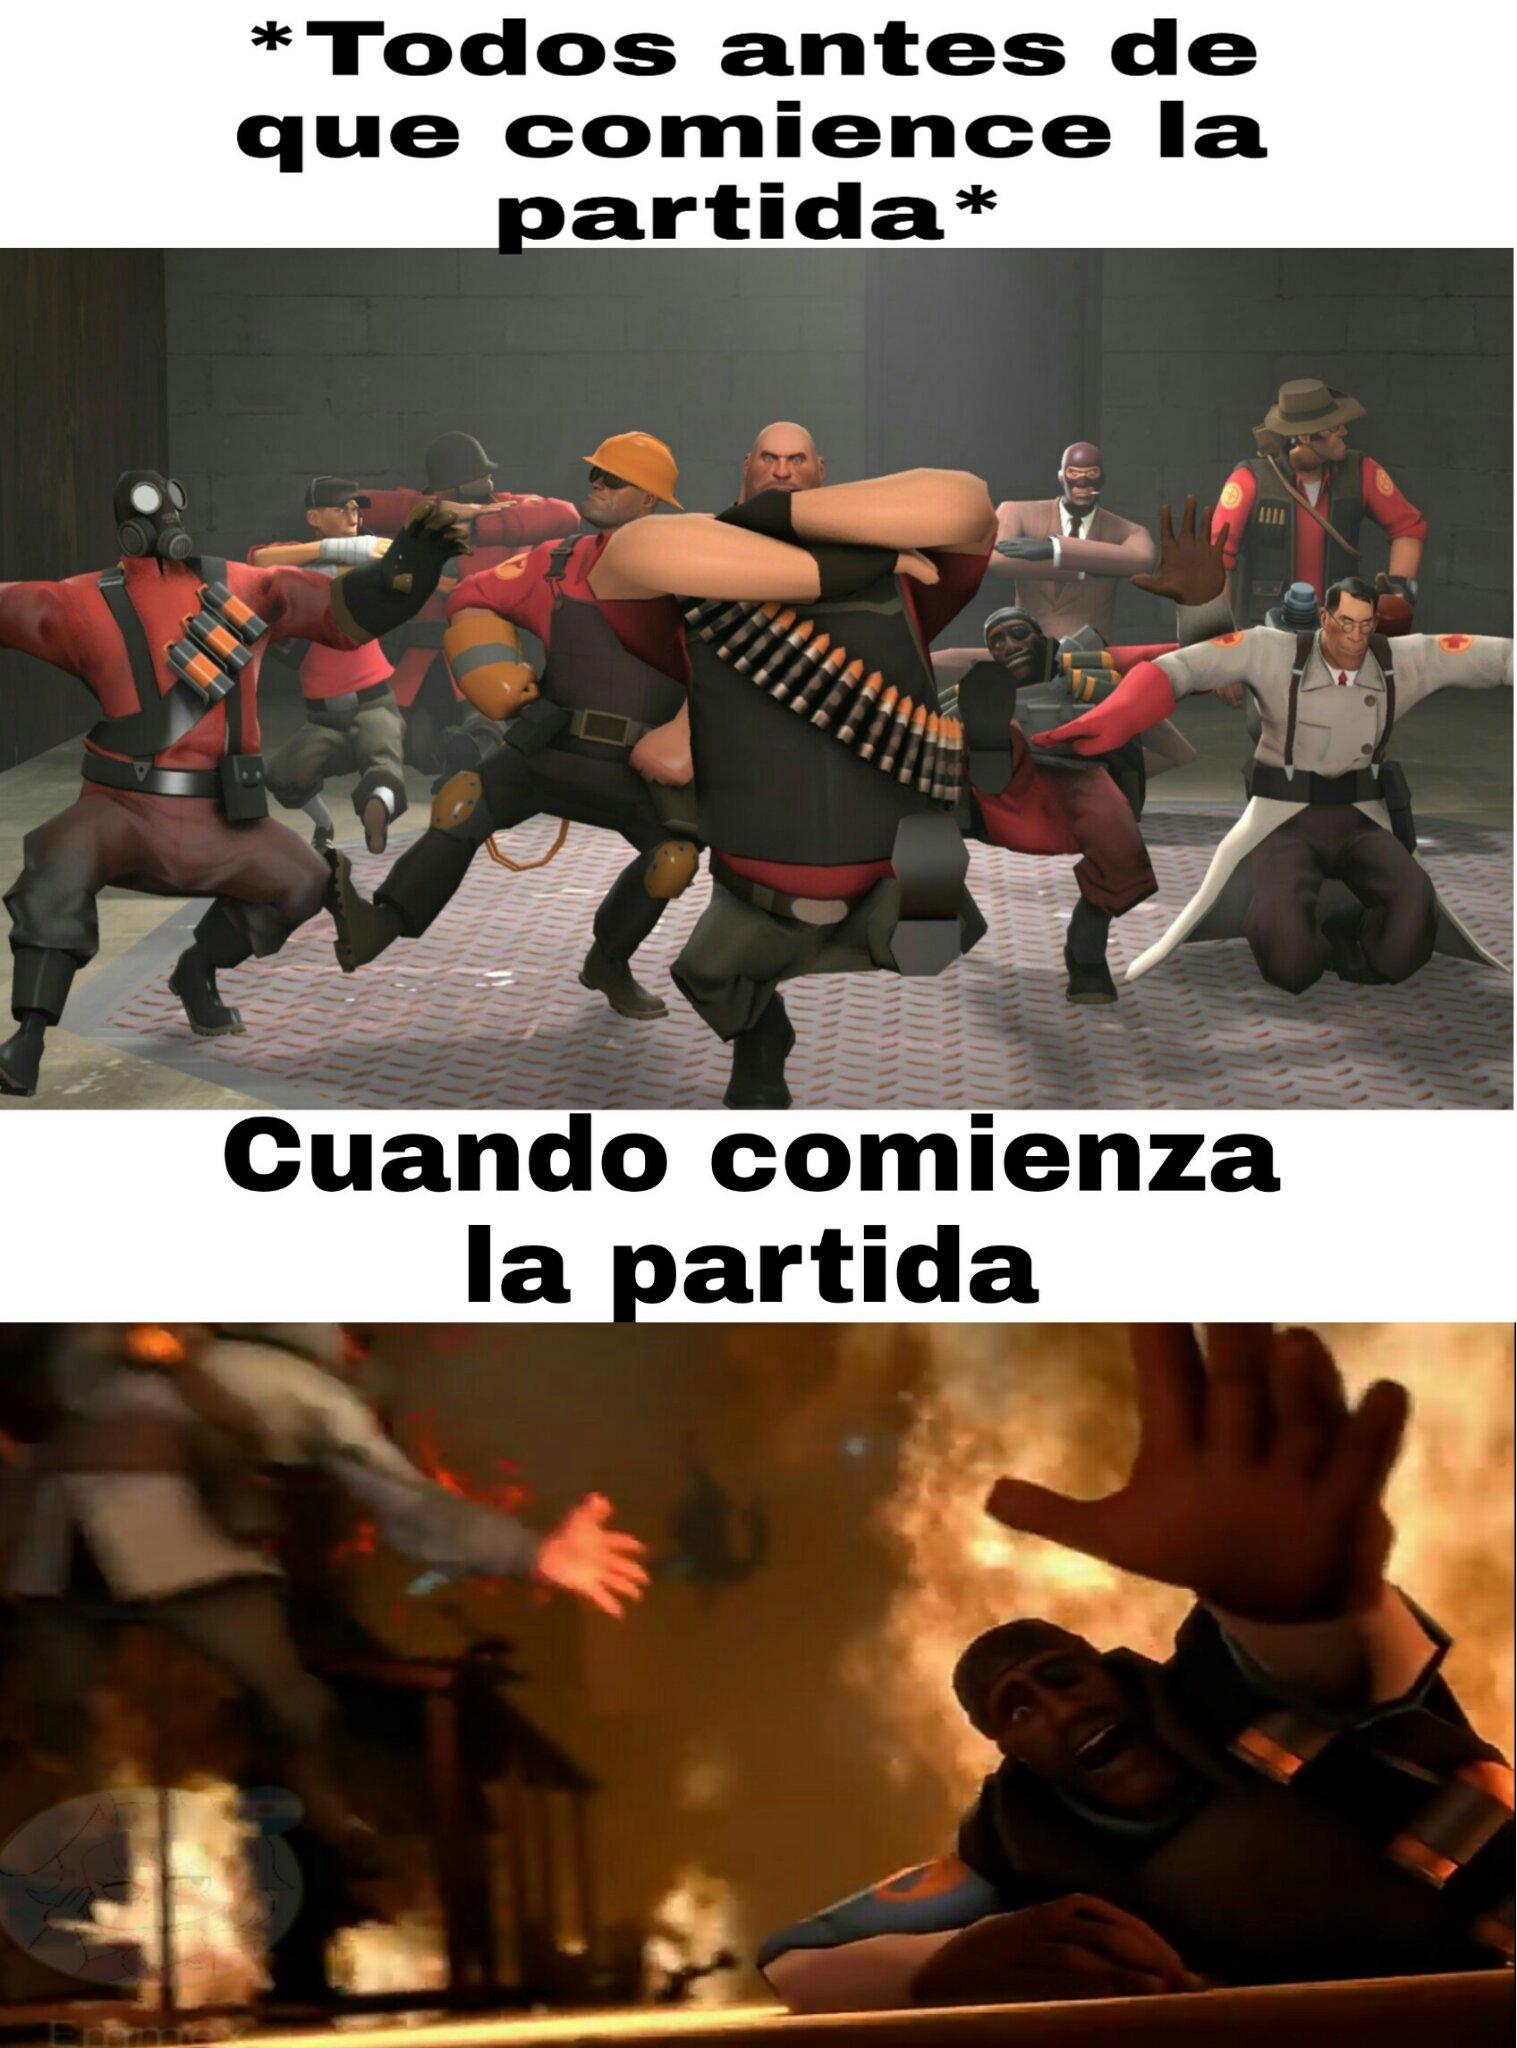 Tf2 in a nutshell - meme